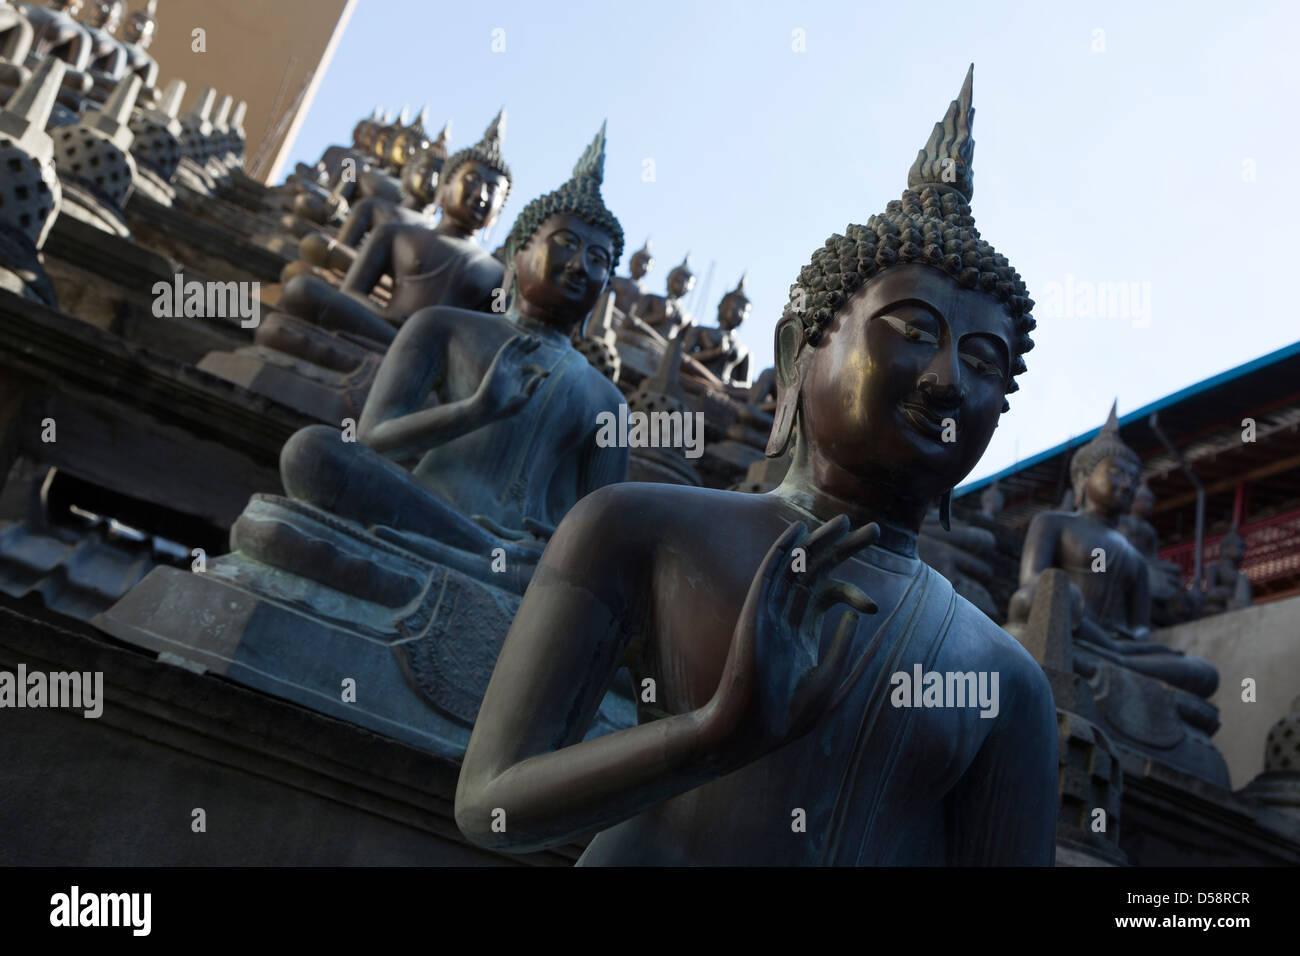 Une répétition de statues de Bouddha dans le Temple Gangaramaya à Colombo, Sri Lanka Photo Stock